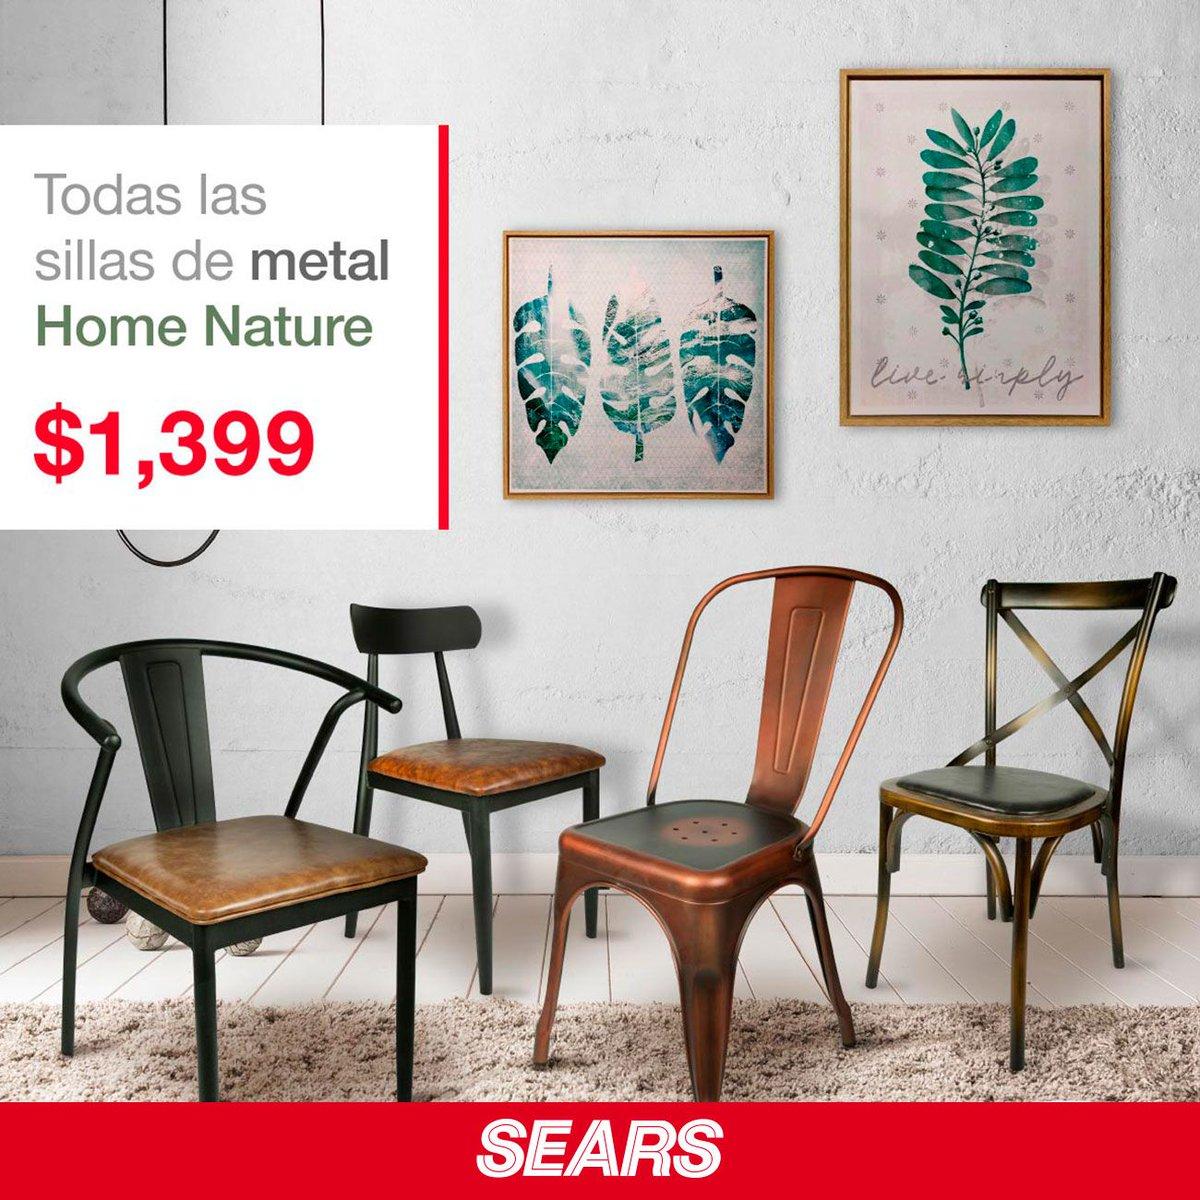 4efc93c46 Ven y aprovecha esta súper promoción que tenemos en sillas metálicas   HomeNature.  SearsMeEntiende